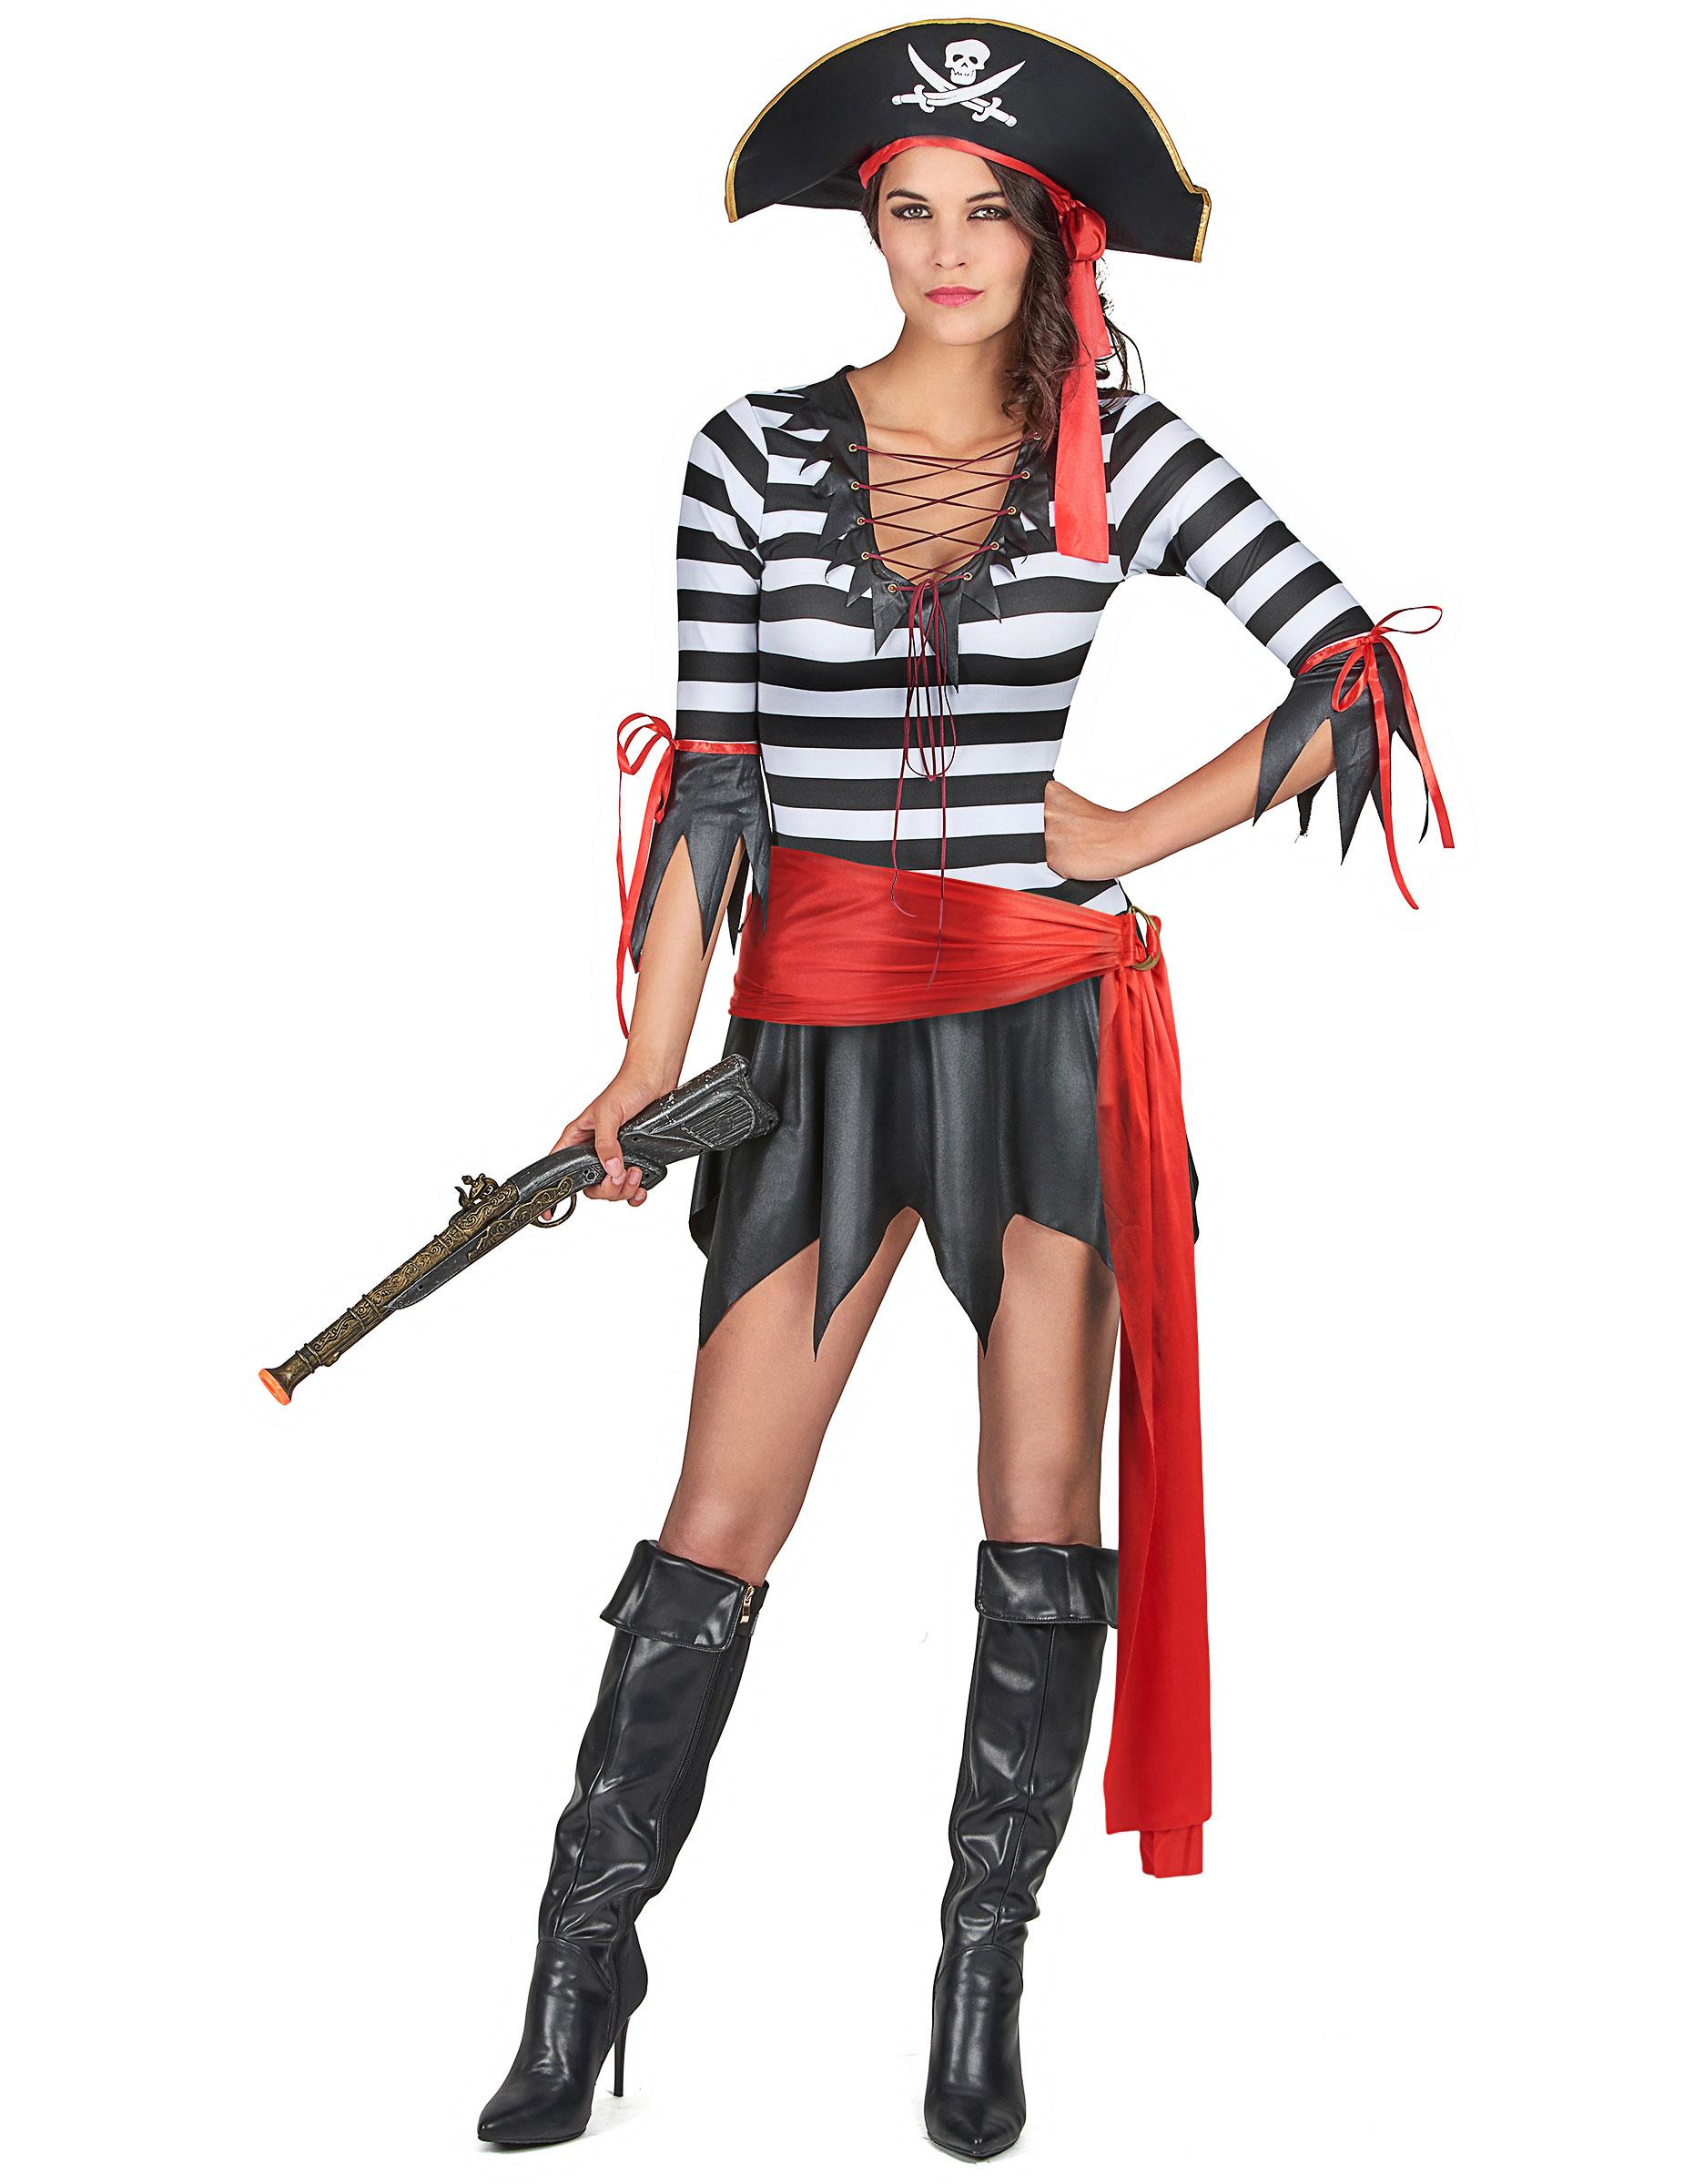 Disfraz pirata mujer a rayas: Disfraces adultos,y disfraces originales baratos - Vegaoo